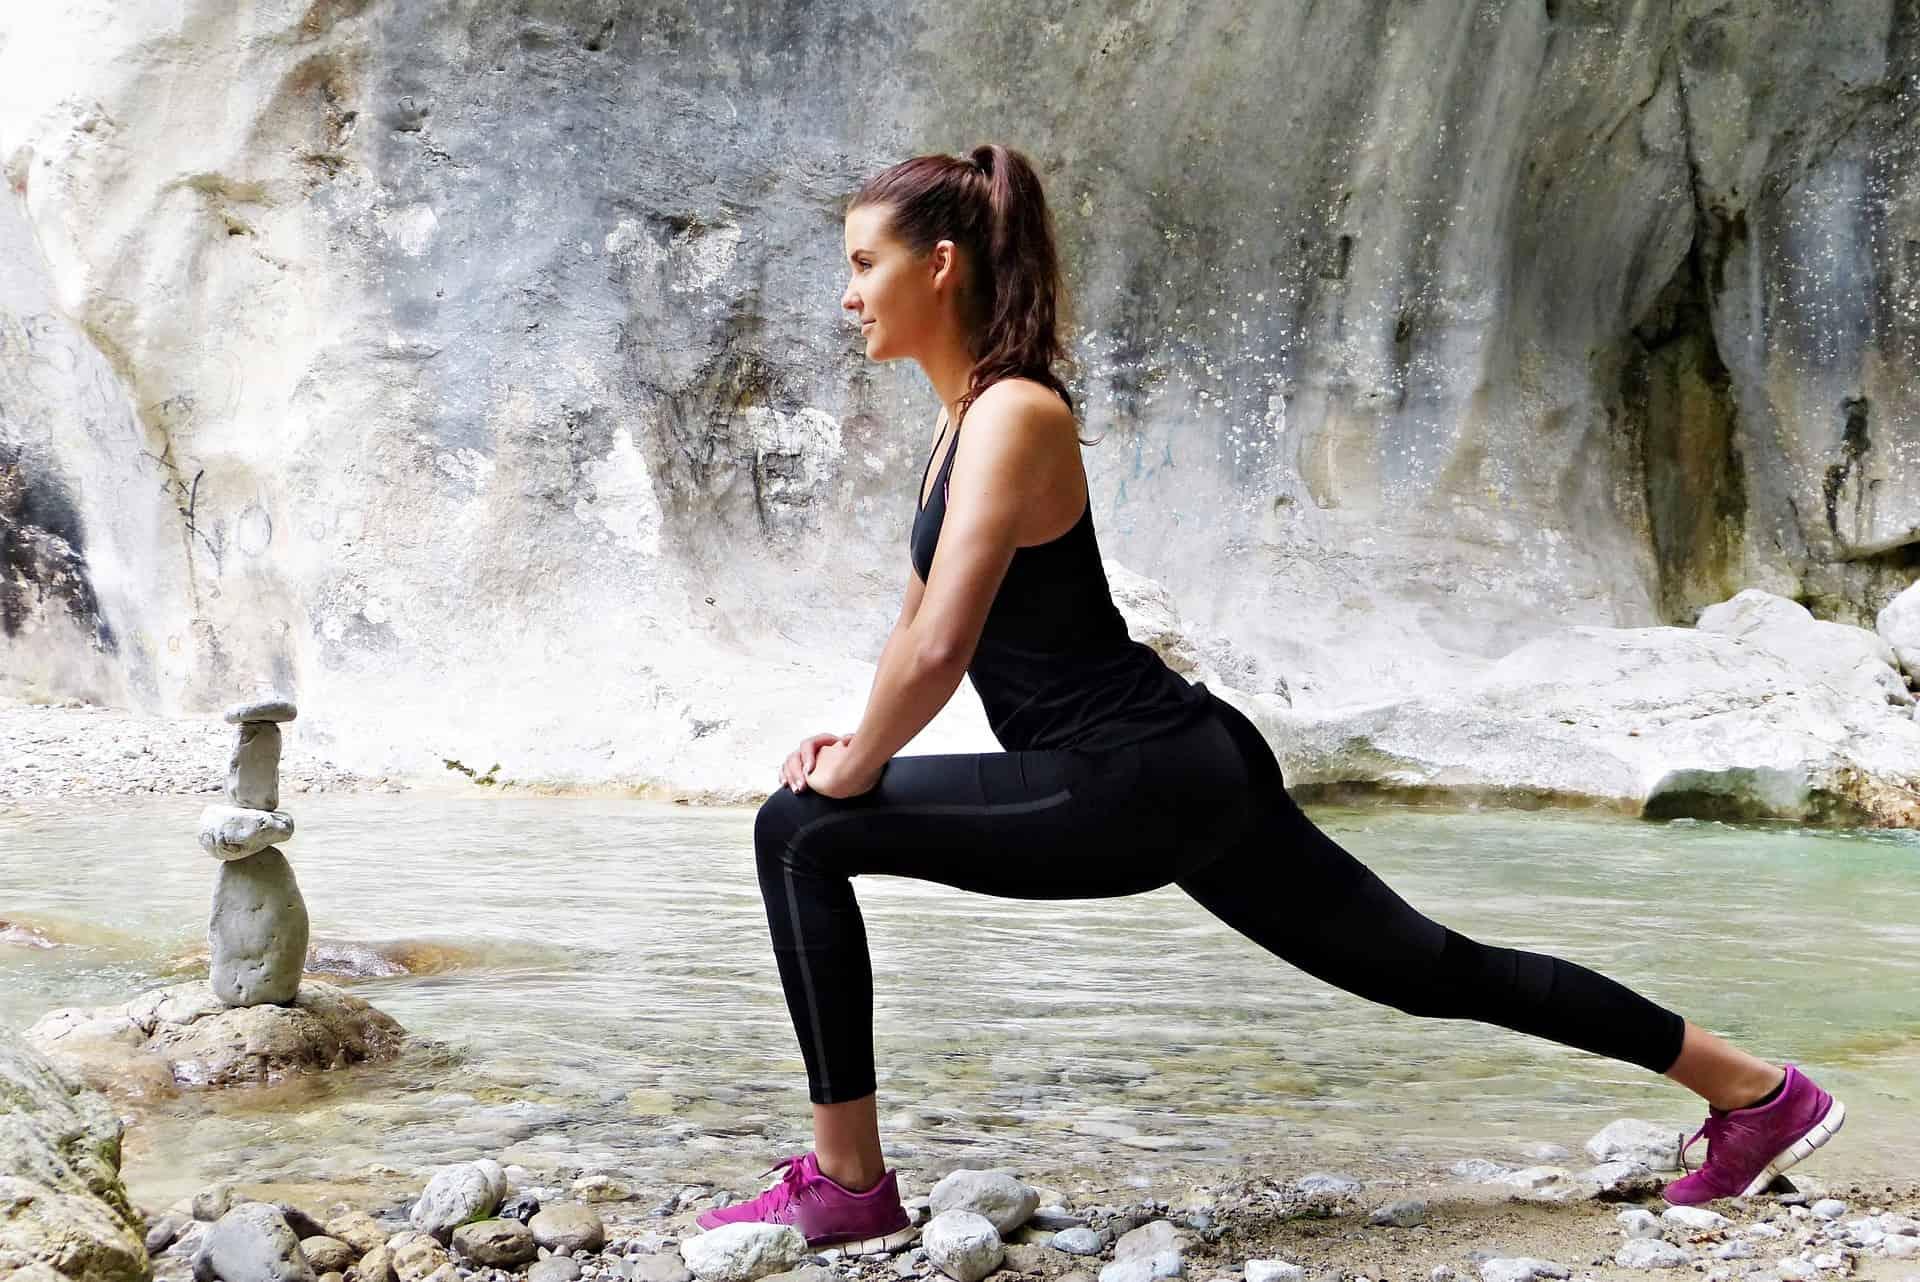 Frau trainierter körper Attraktive Fitness